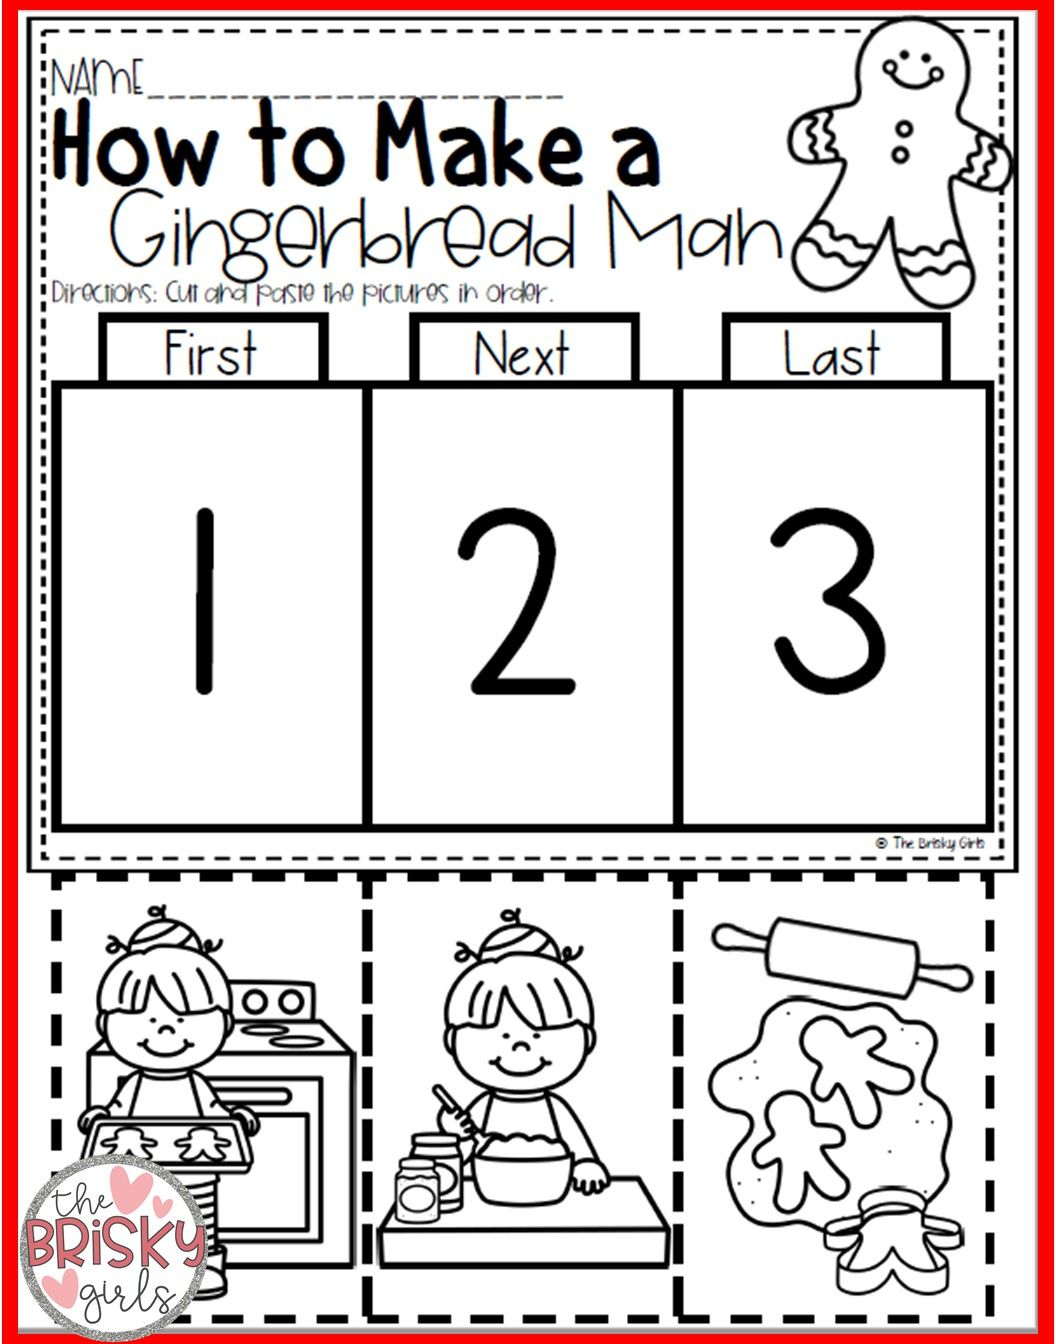 Christmas Activities For Preschool Christmas Activities For Kindergarten Christmas Kindergarten Preschool Christmas Activities Preschool Christmas [ 1344 x 1056 Pixel ]